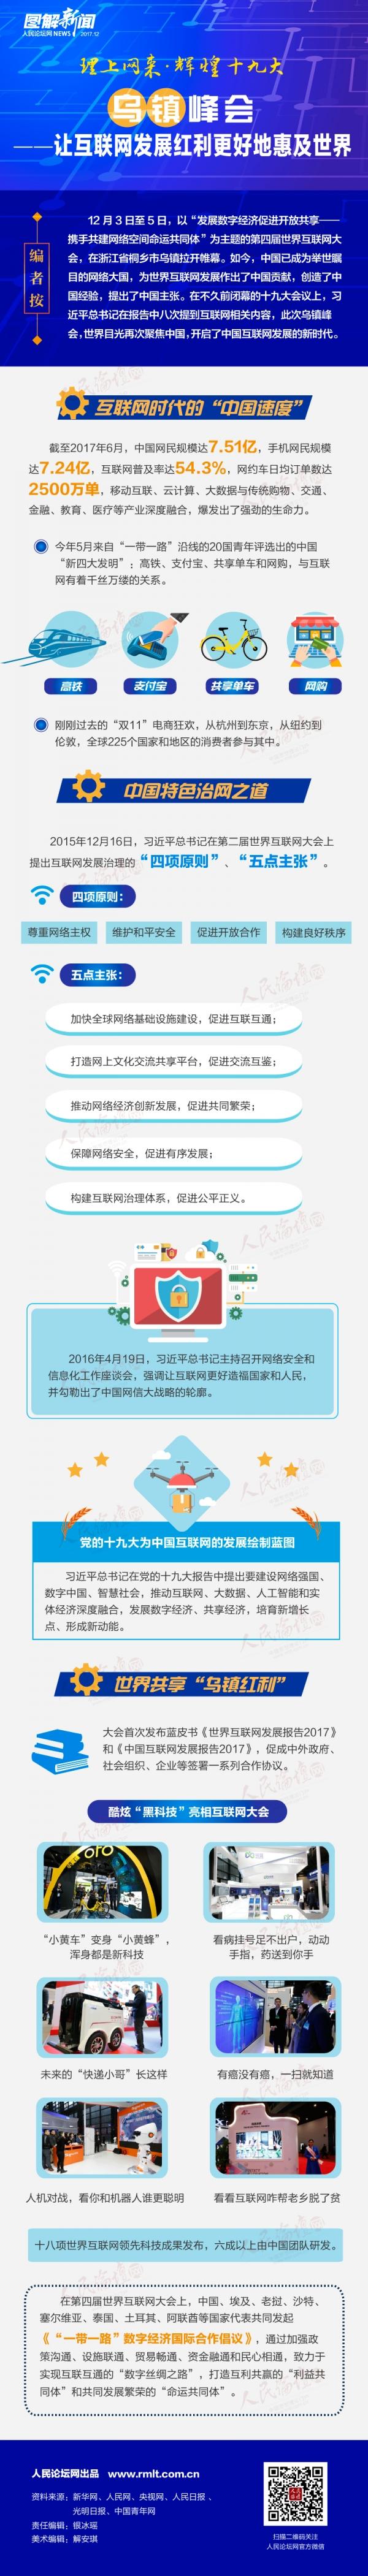 图解:乌镇峰会――让互联网发展红利更好地惠及世界